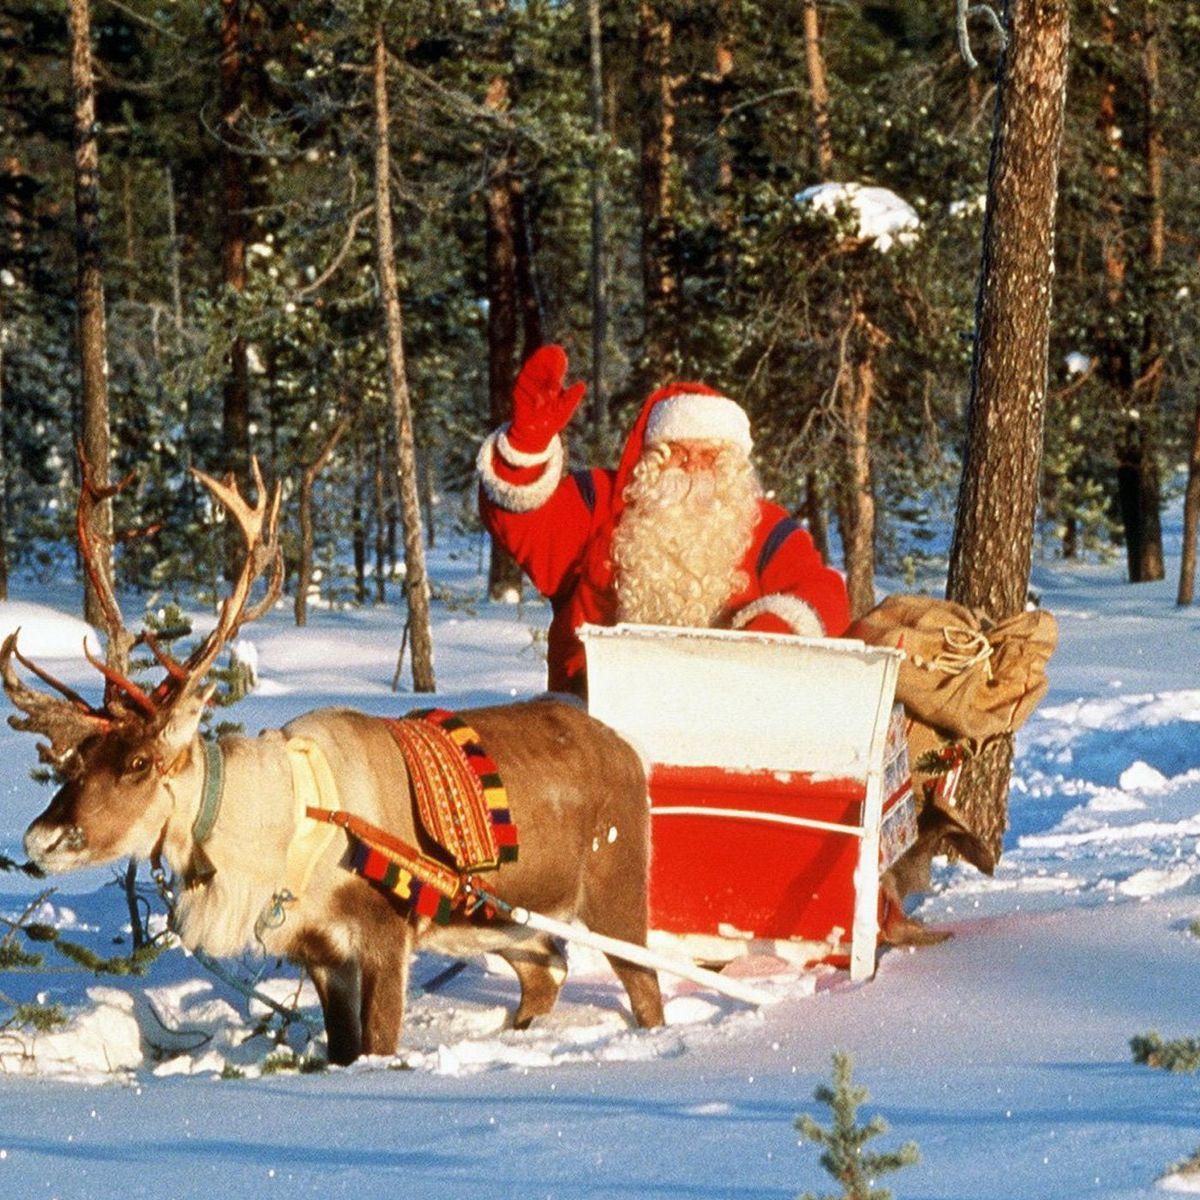 Rentiere Weltweit Im Stress - Und Nicht Wegen Dem mit Weihnachtsmann Rentierschlitten